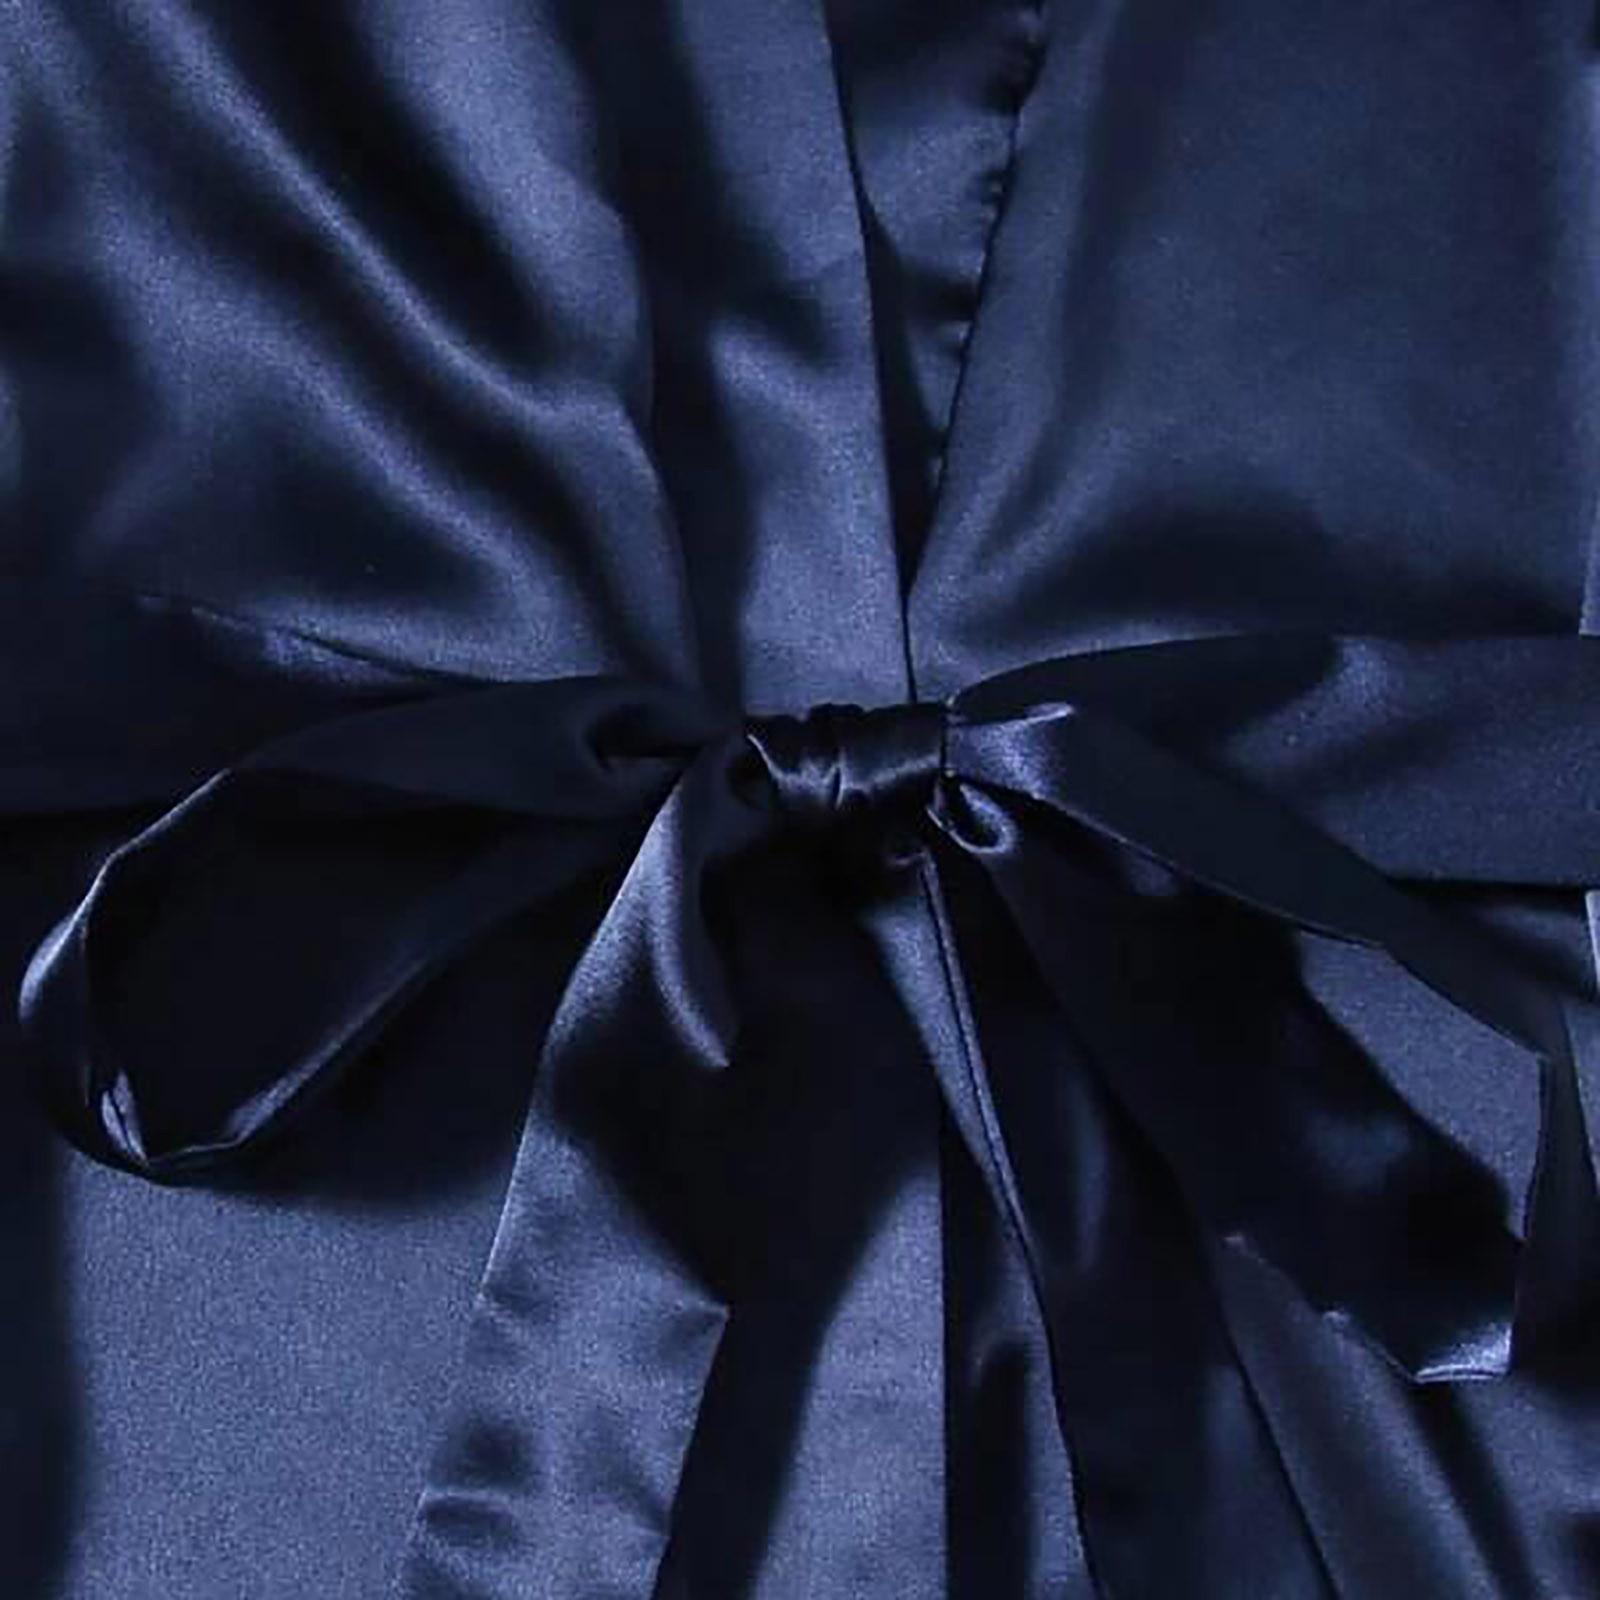 Женщины% 27 Шелк Пижамы Плюс Размер Сексуальное Нижнее белье Женщины Шелк Халат Атлас Халат Пижамы Пижамы Ансамбль Нюизет Femme E1